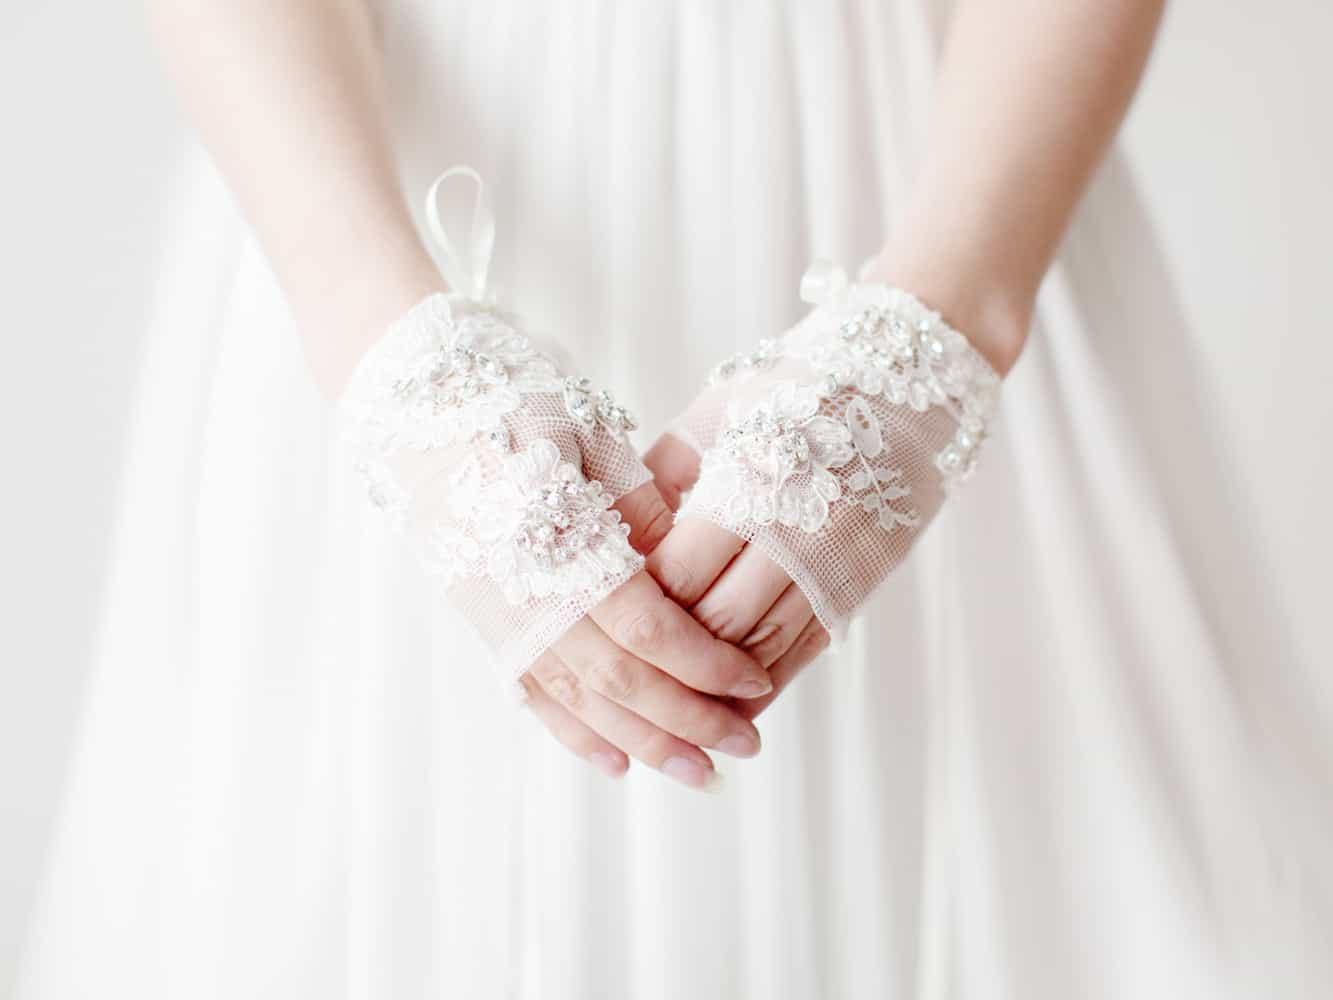 اكسسوارات زفاف: قفازات